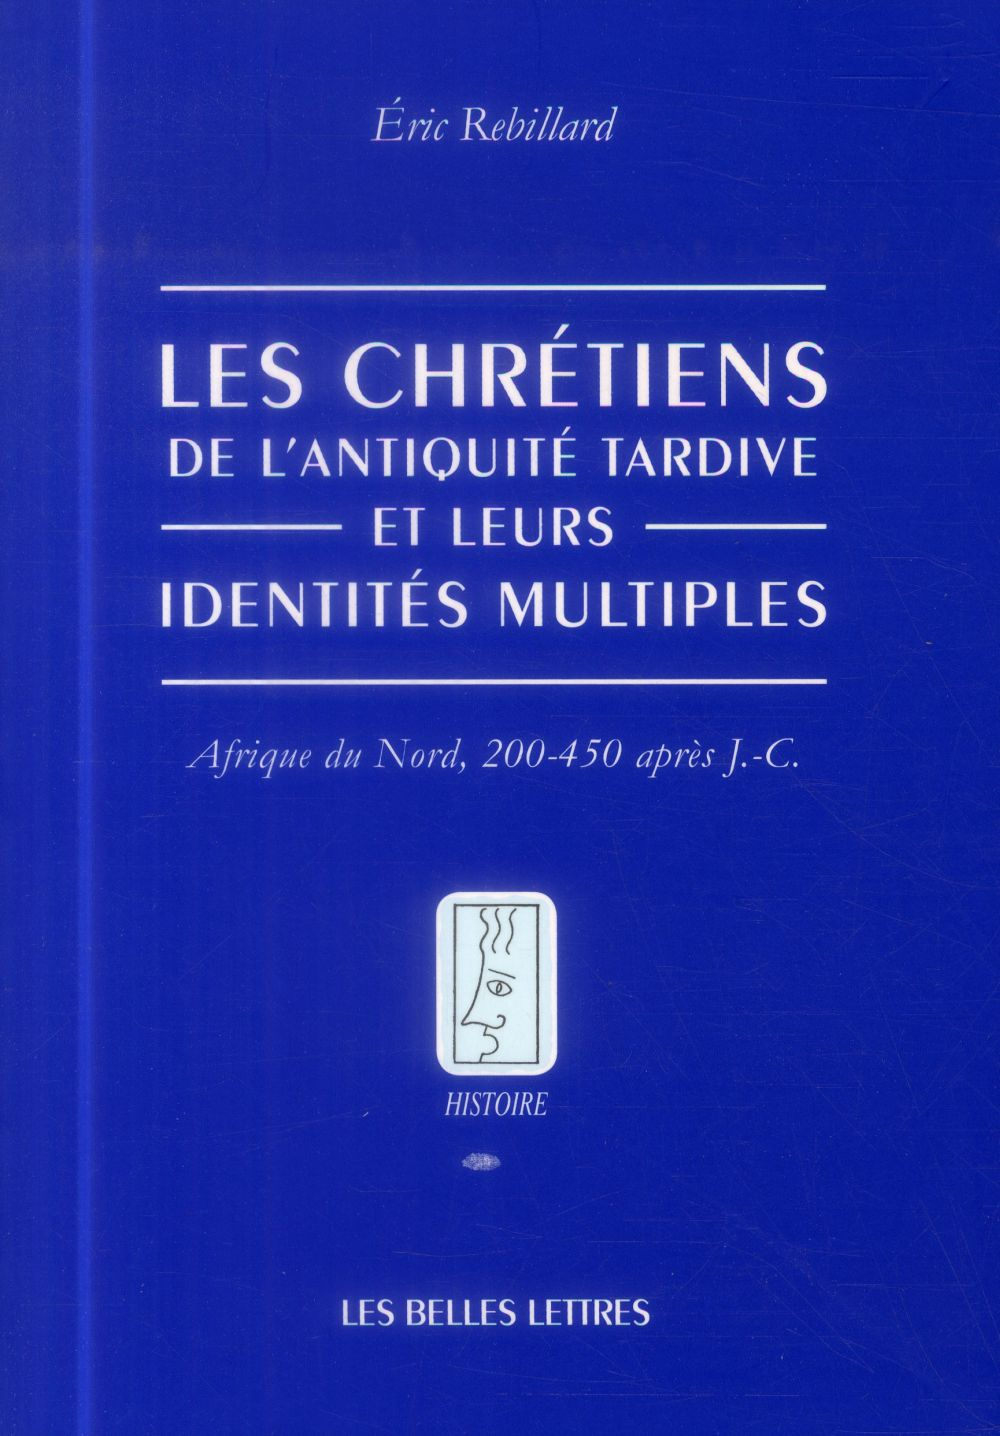 Les chrétiens et leurs identités multiples ; 200-450 ap. J.-C.